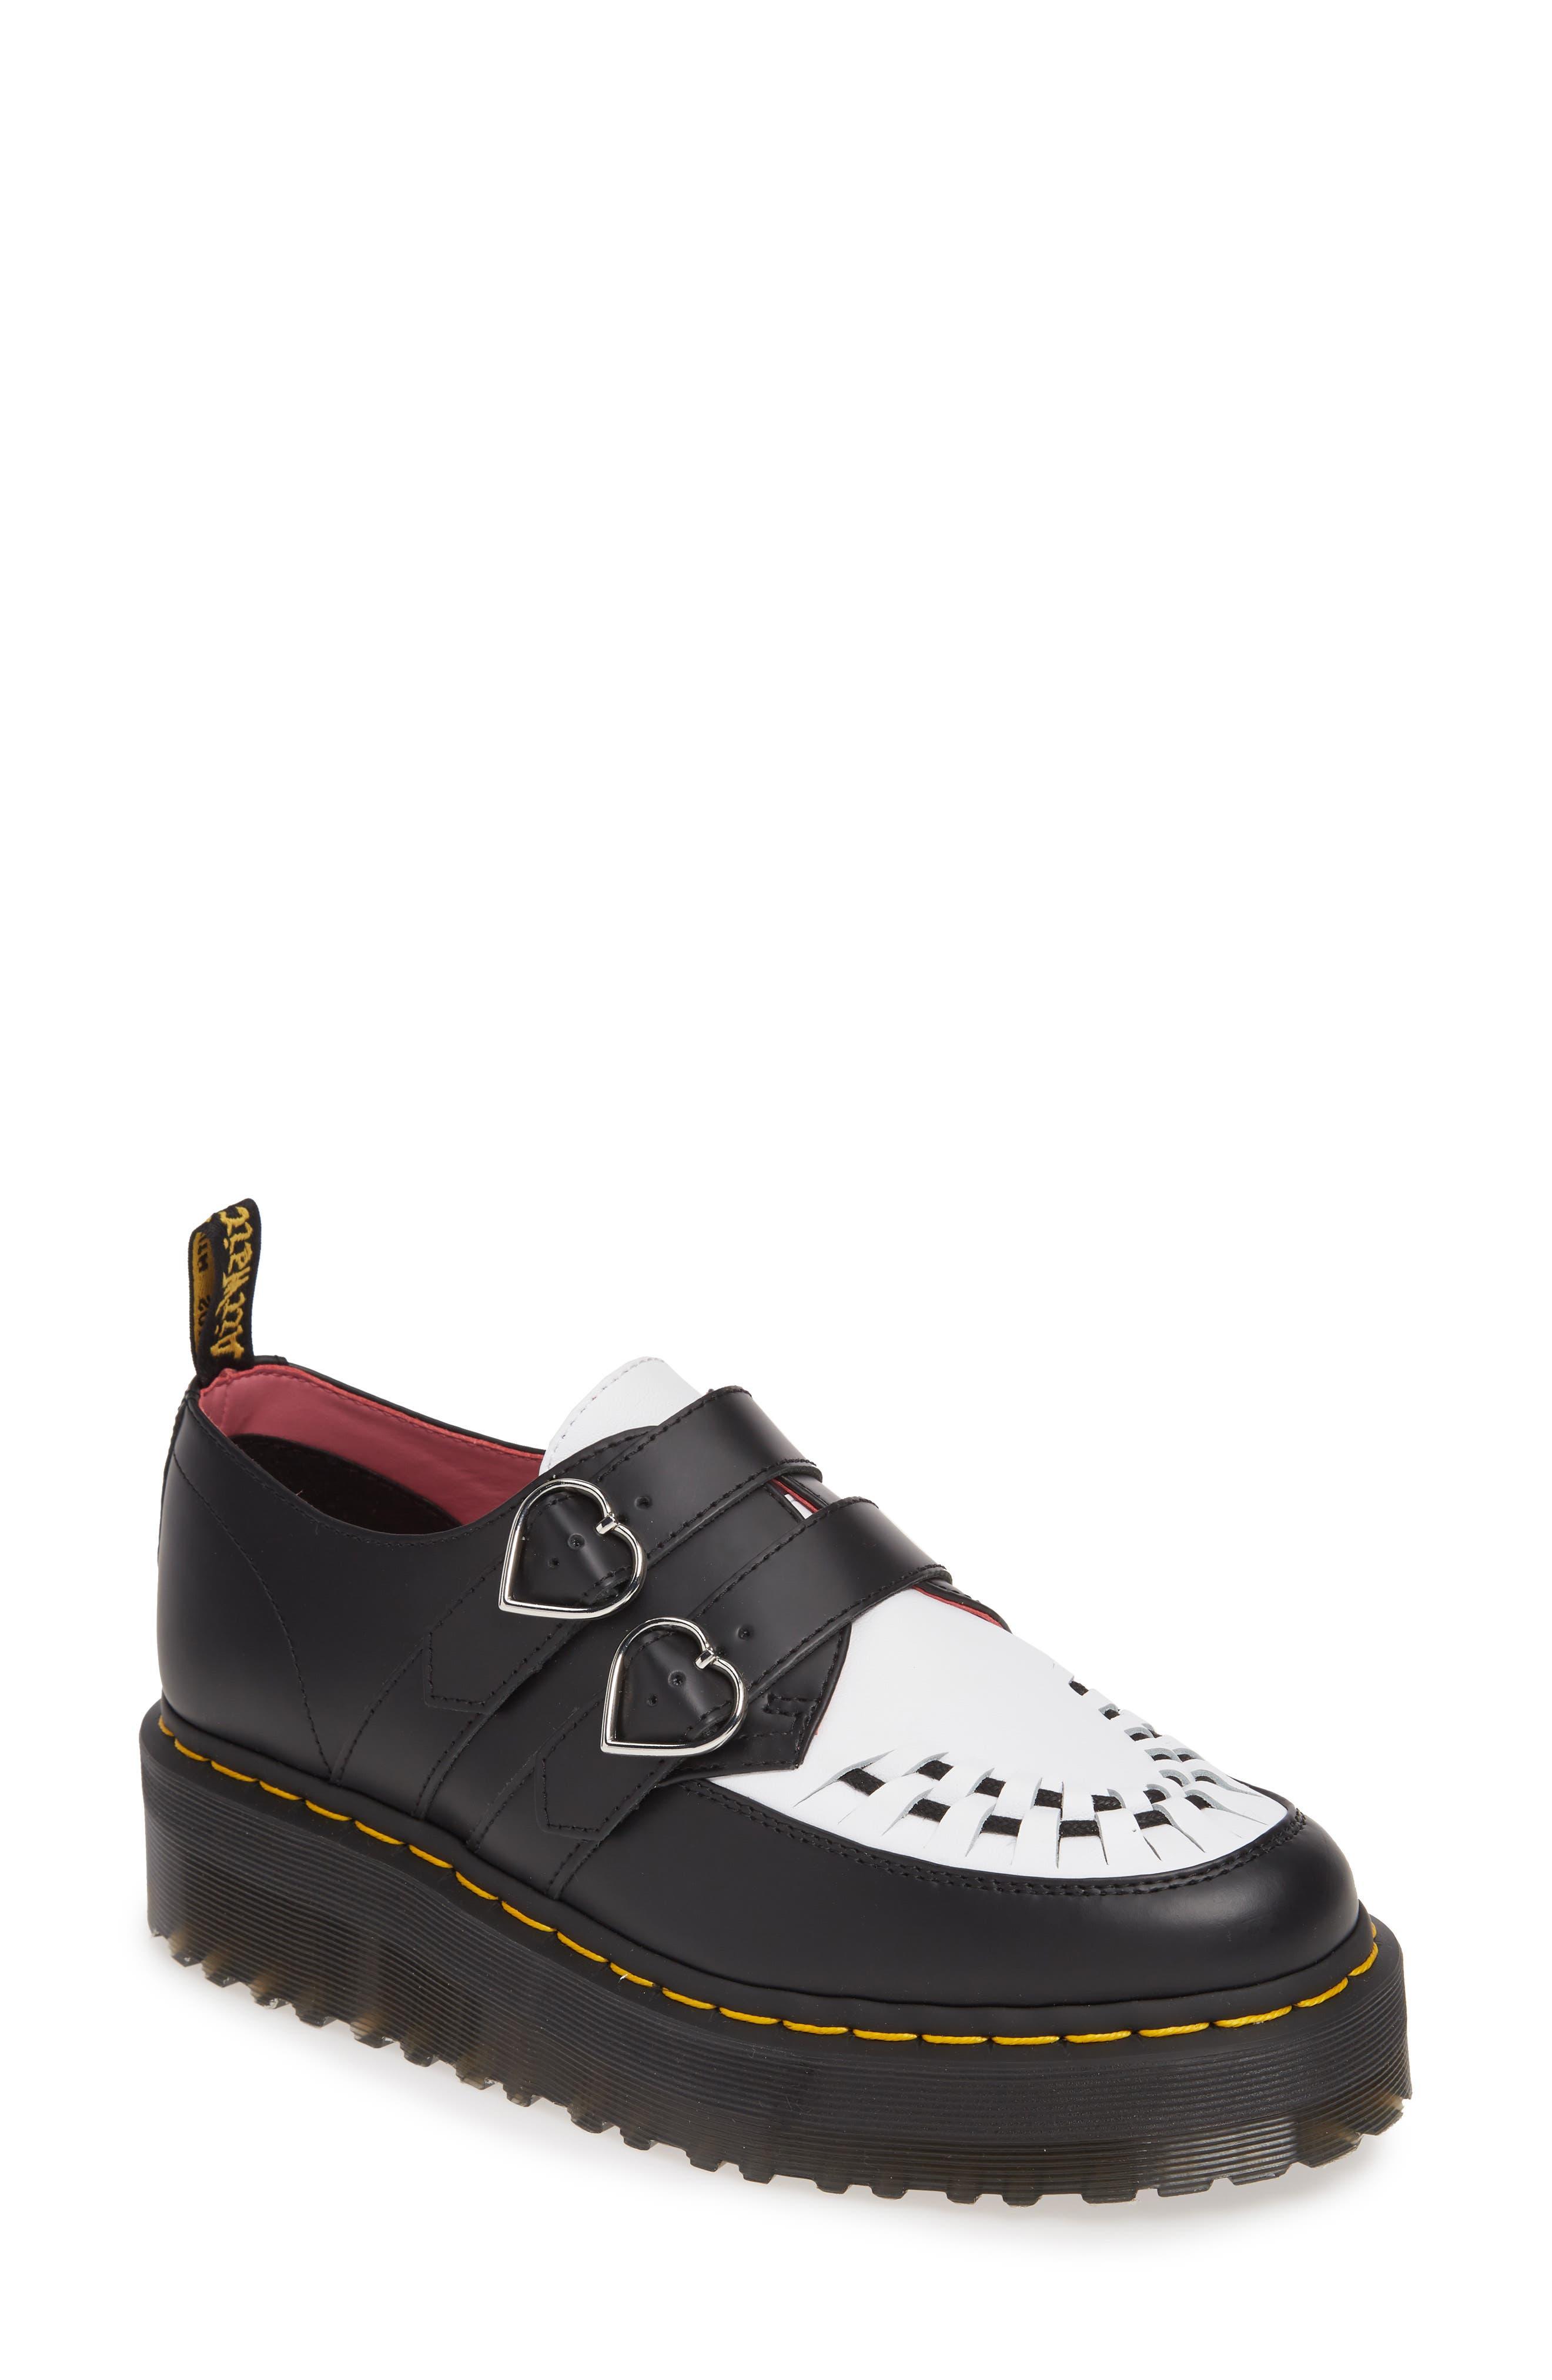 Dr. Martens X Lazy Oaf Buckle Platform Loafer, Black